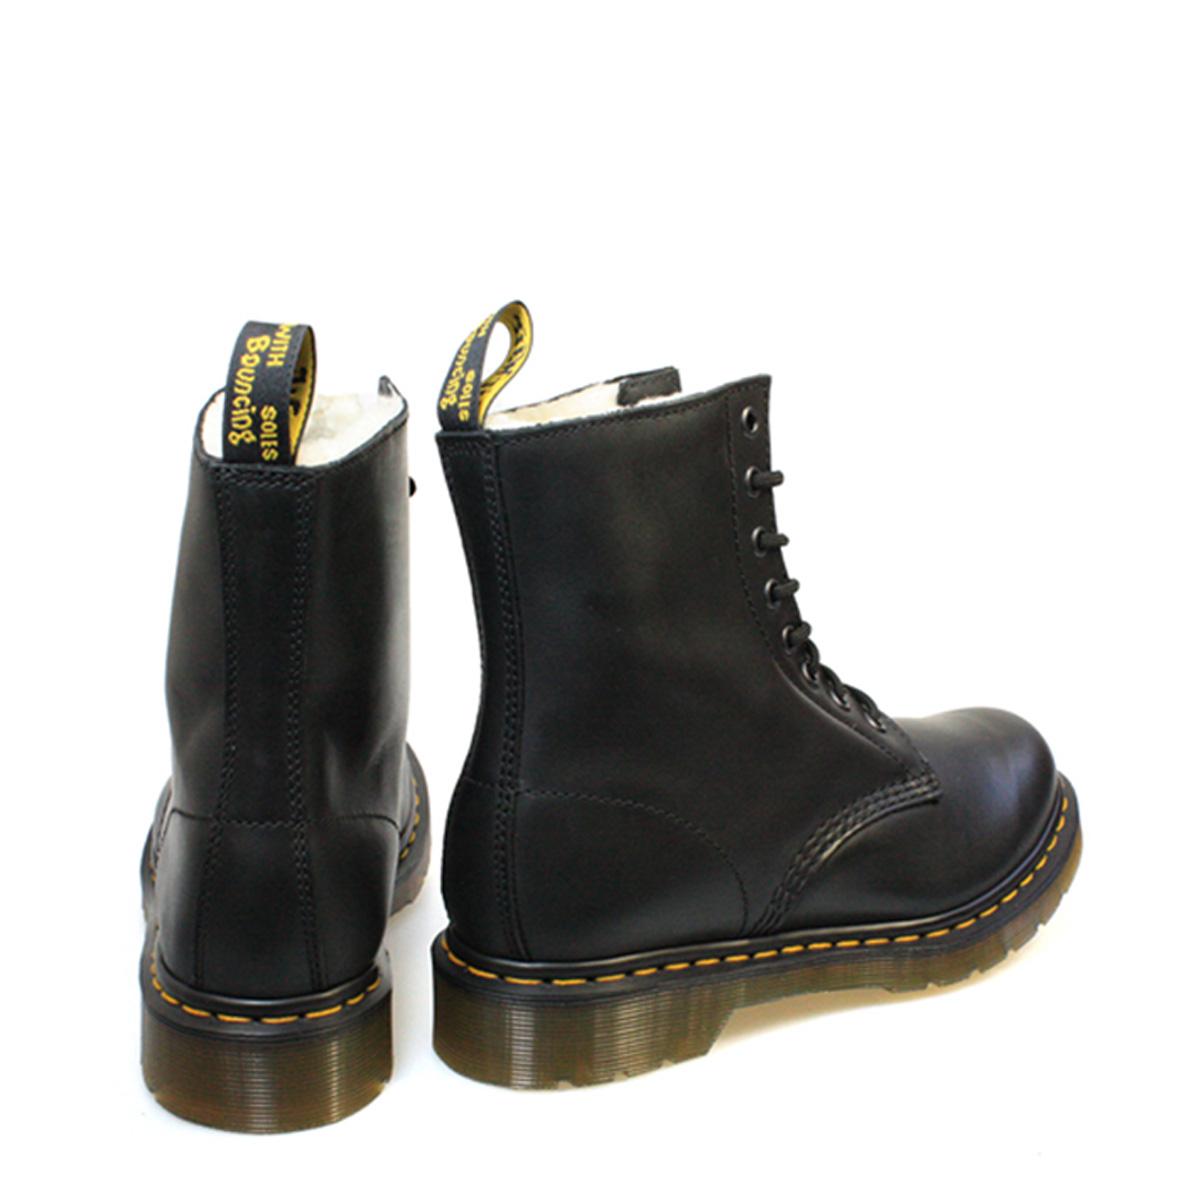 dr martens serena womens docs black leather ankle boots. Black Bedroom Furniture Sets. Home Design Ideas